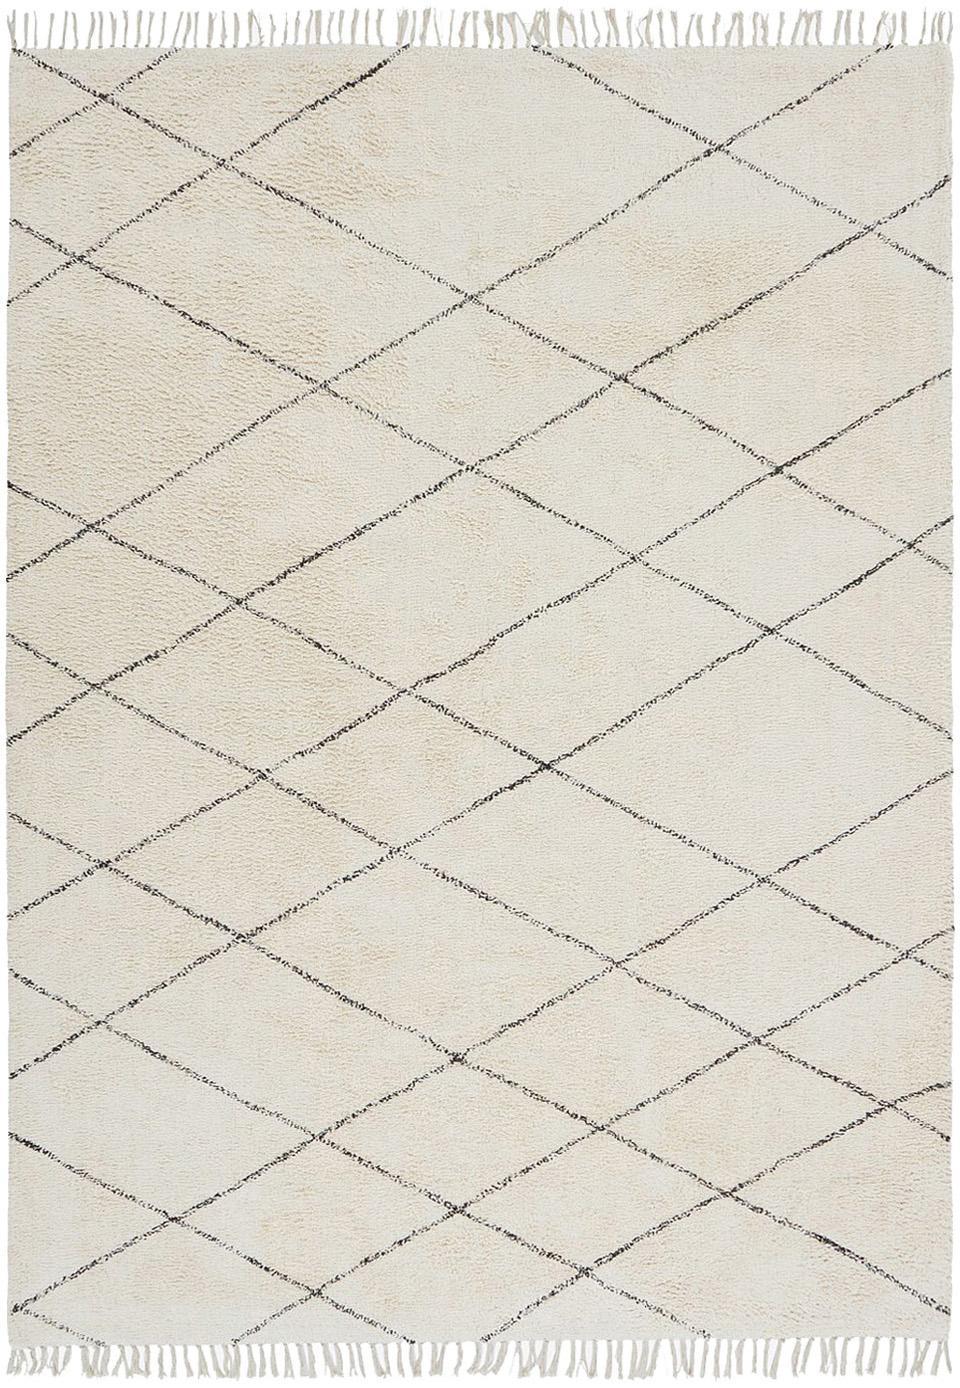 Tappeto in cotone Less, Cotone, Bianco latteo, nero, Larg. 160 x Lung. 230 cm